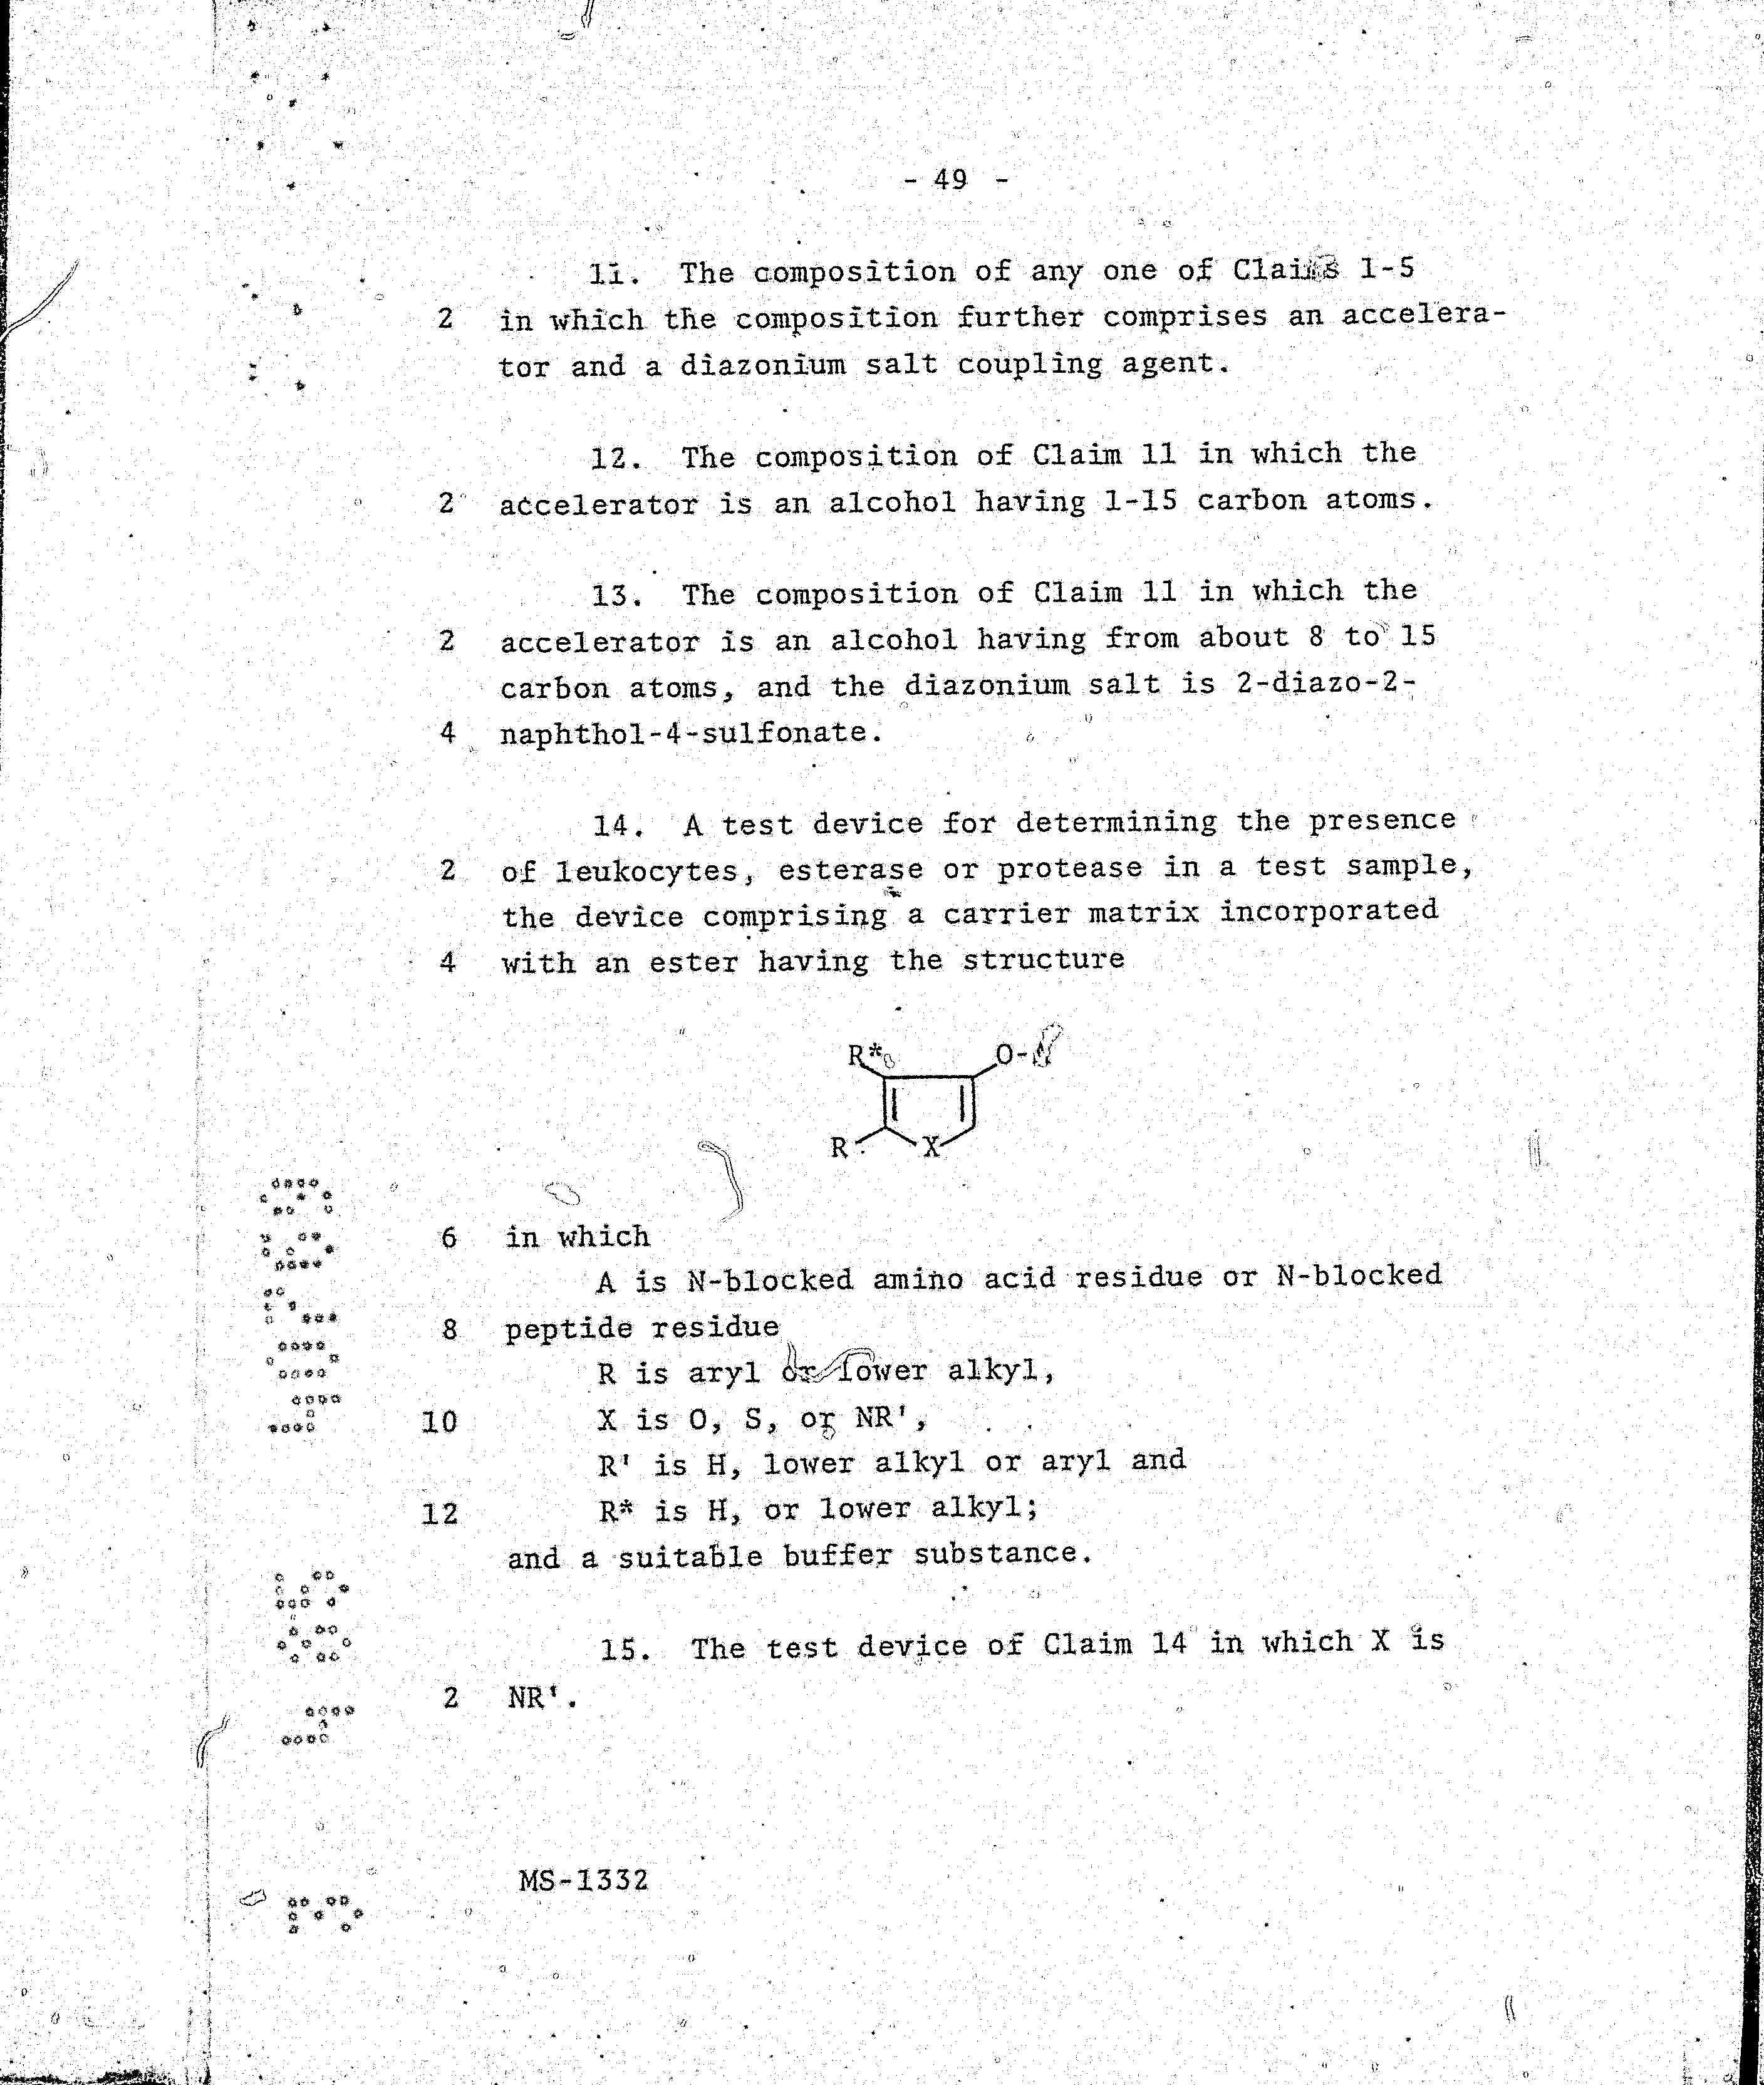 AU 1985/040769 A - Determining The Presence Of Leukocytes